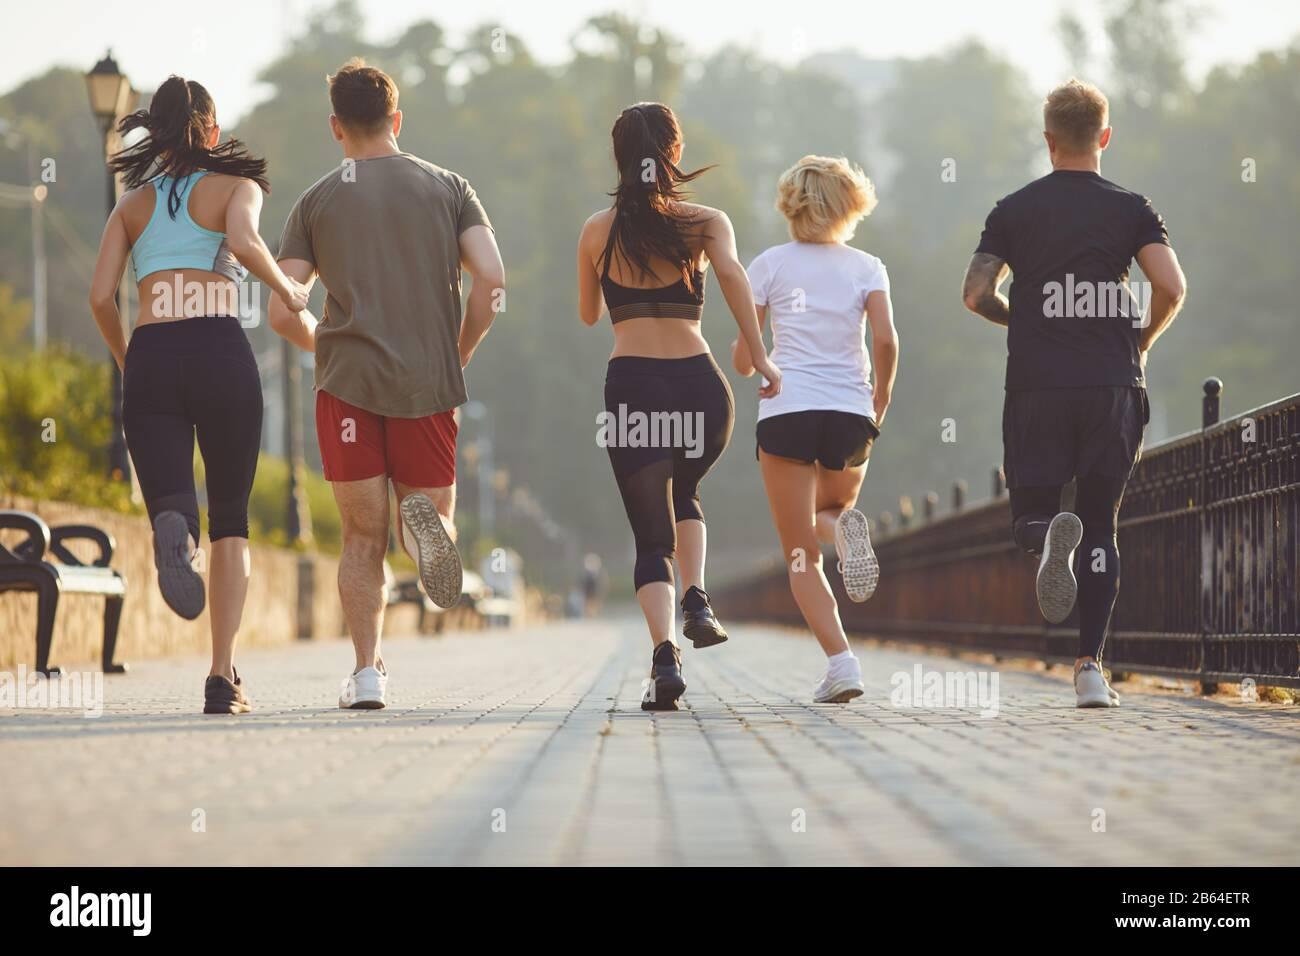 Gruppe von Läufern in den Park am Morgen. Stockfoto